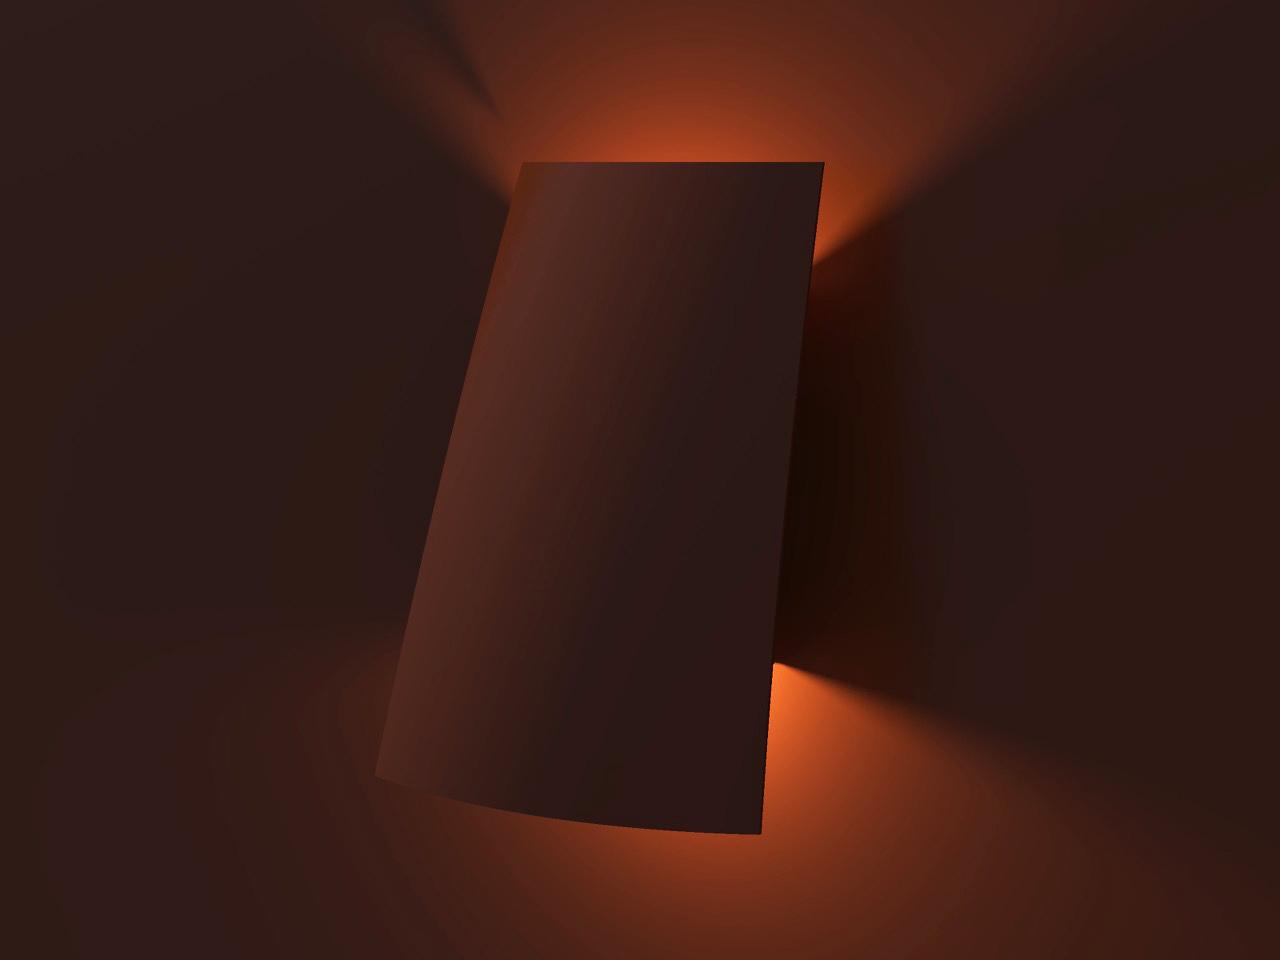 Ce prototype de lampe extérieure composé de galets lumineux offre un éclairage original. Ce luminaire extérieur design est une création originale signée LYX Luminaires et désignée par Claude Robin. Au stade de prototype, cette lampe extérieure originale rejoint les créations lumineuses LYX Luminaires, aux côtés des collections de lampes solaires et lampes extérieures LED. La collection de luminaires d'extérieur LYX Luminaires se compose d'applique murale solaire, de borne extérieure solaire, de lanterne solaire, d'applique murale LED, de borne extérieure LED, de spot extérieur LED. Toute les lampes extérieures LYX Luminaires sont de fabrication française. Elles offrent un éclairage performant et un éclairage original grâce à leur design moderne. Nos lampes extérieures sont des lampes extérieures de qualité, des lampes design, des lampes autonomes et équipées de détecteur de mouvement / détecteur de présence.